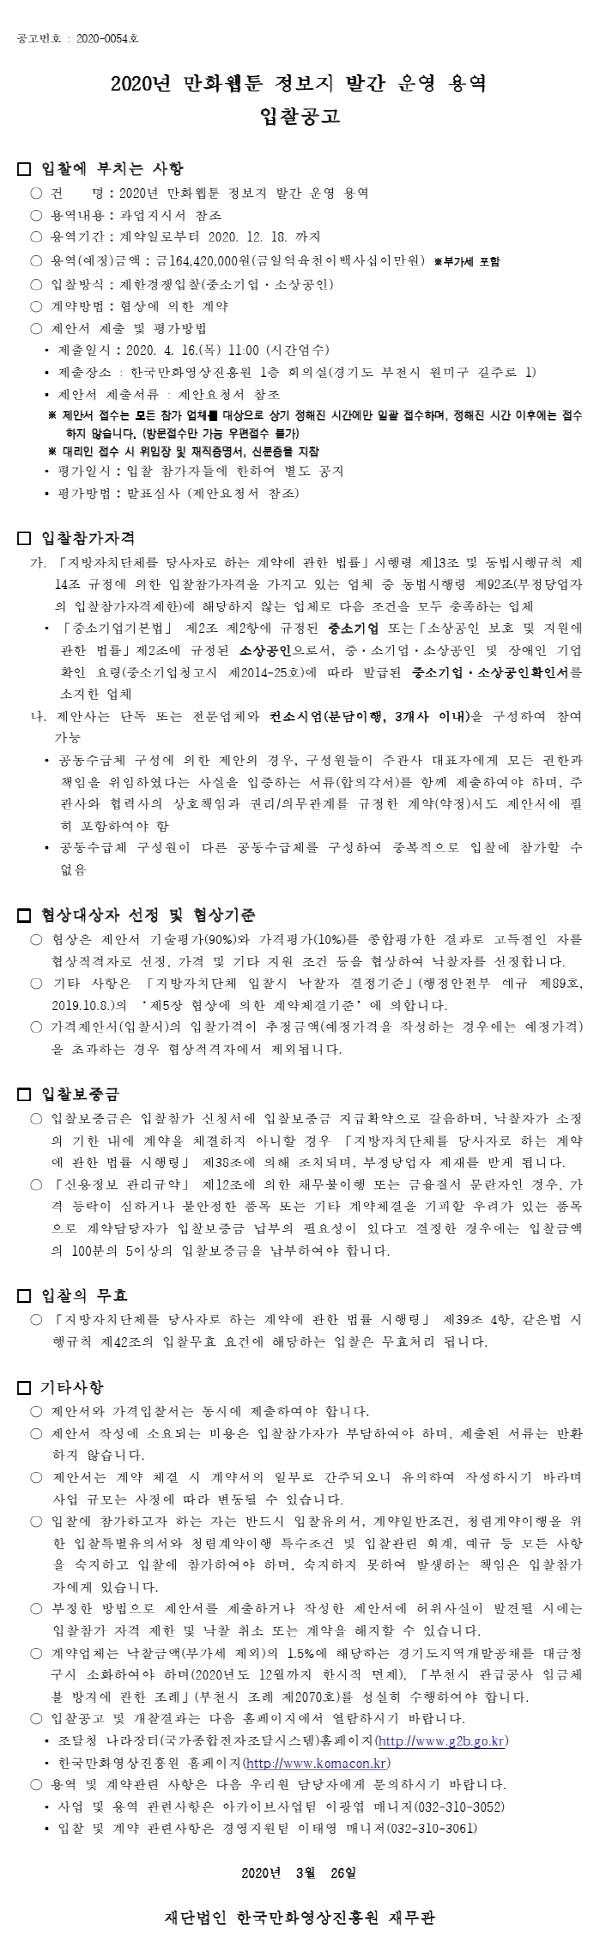 크기변환_200325입찰공고서(만화정보지발간).pdf_page_1.jpg